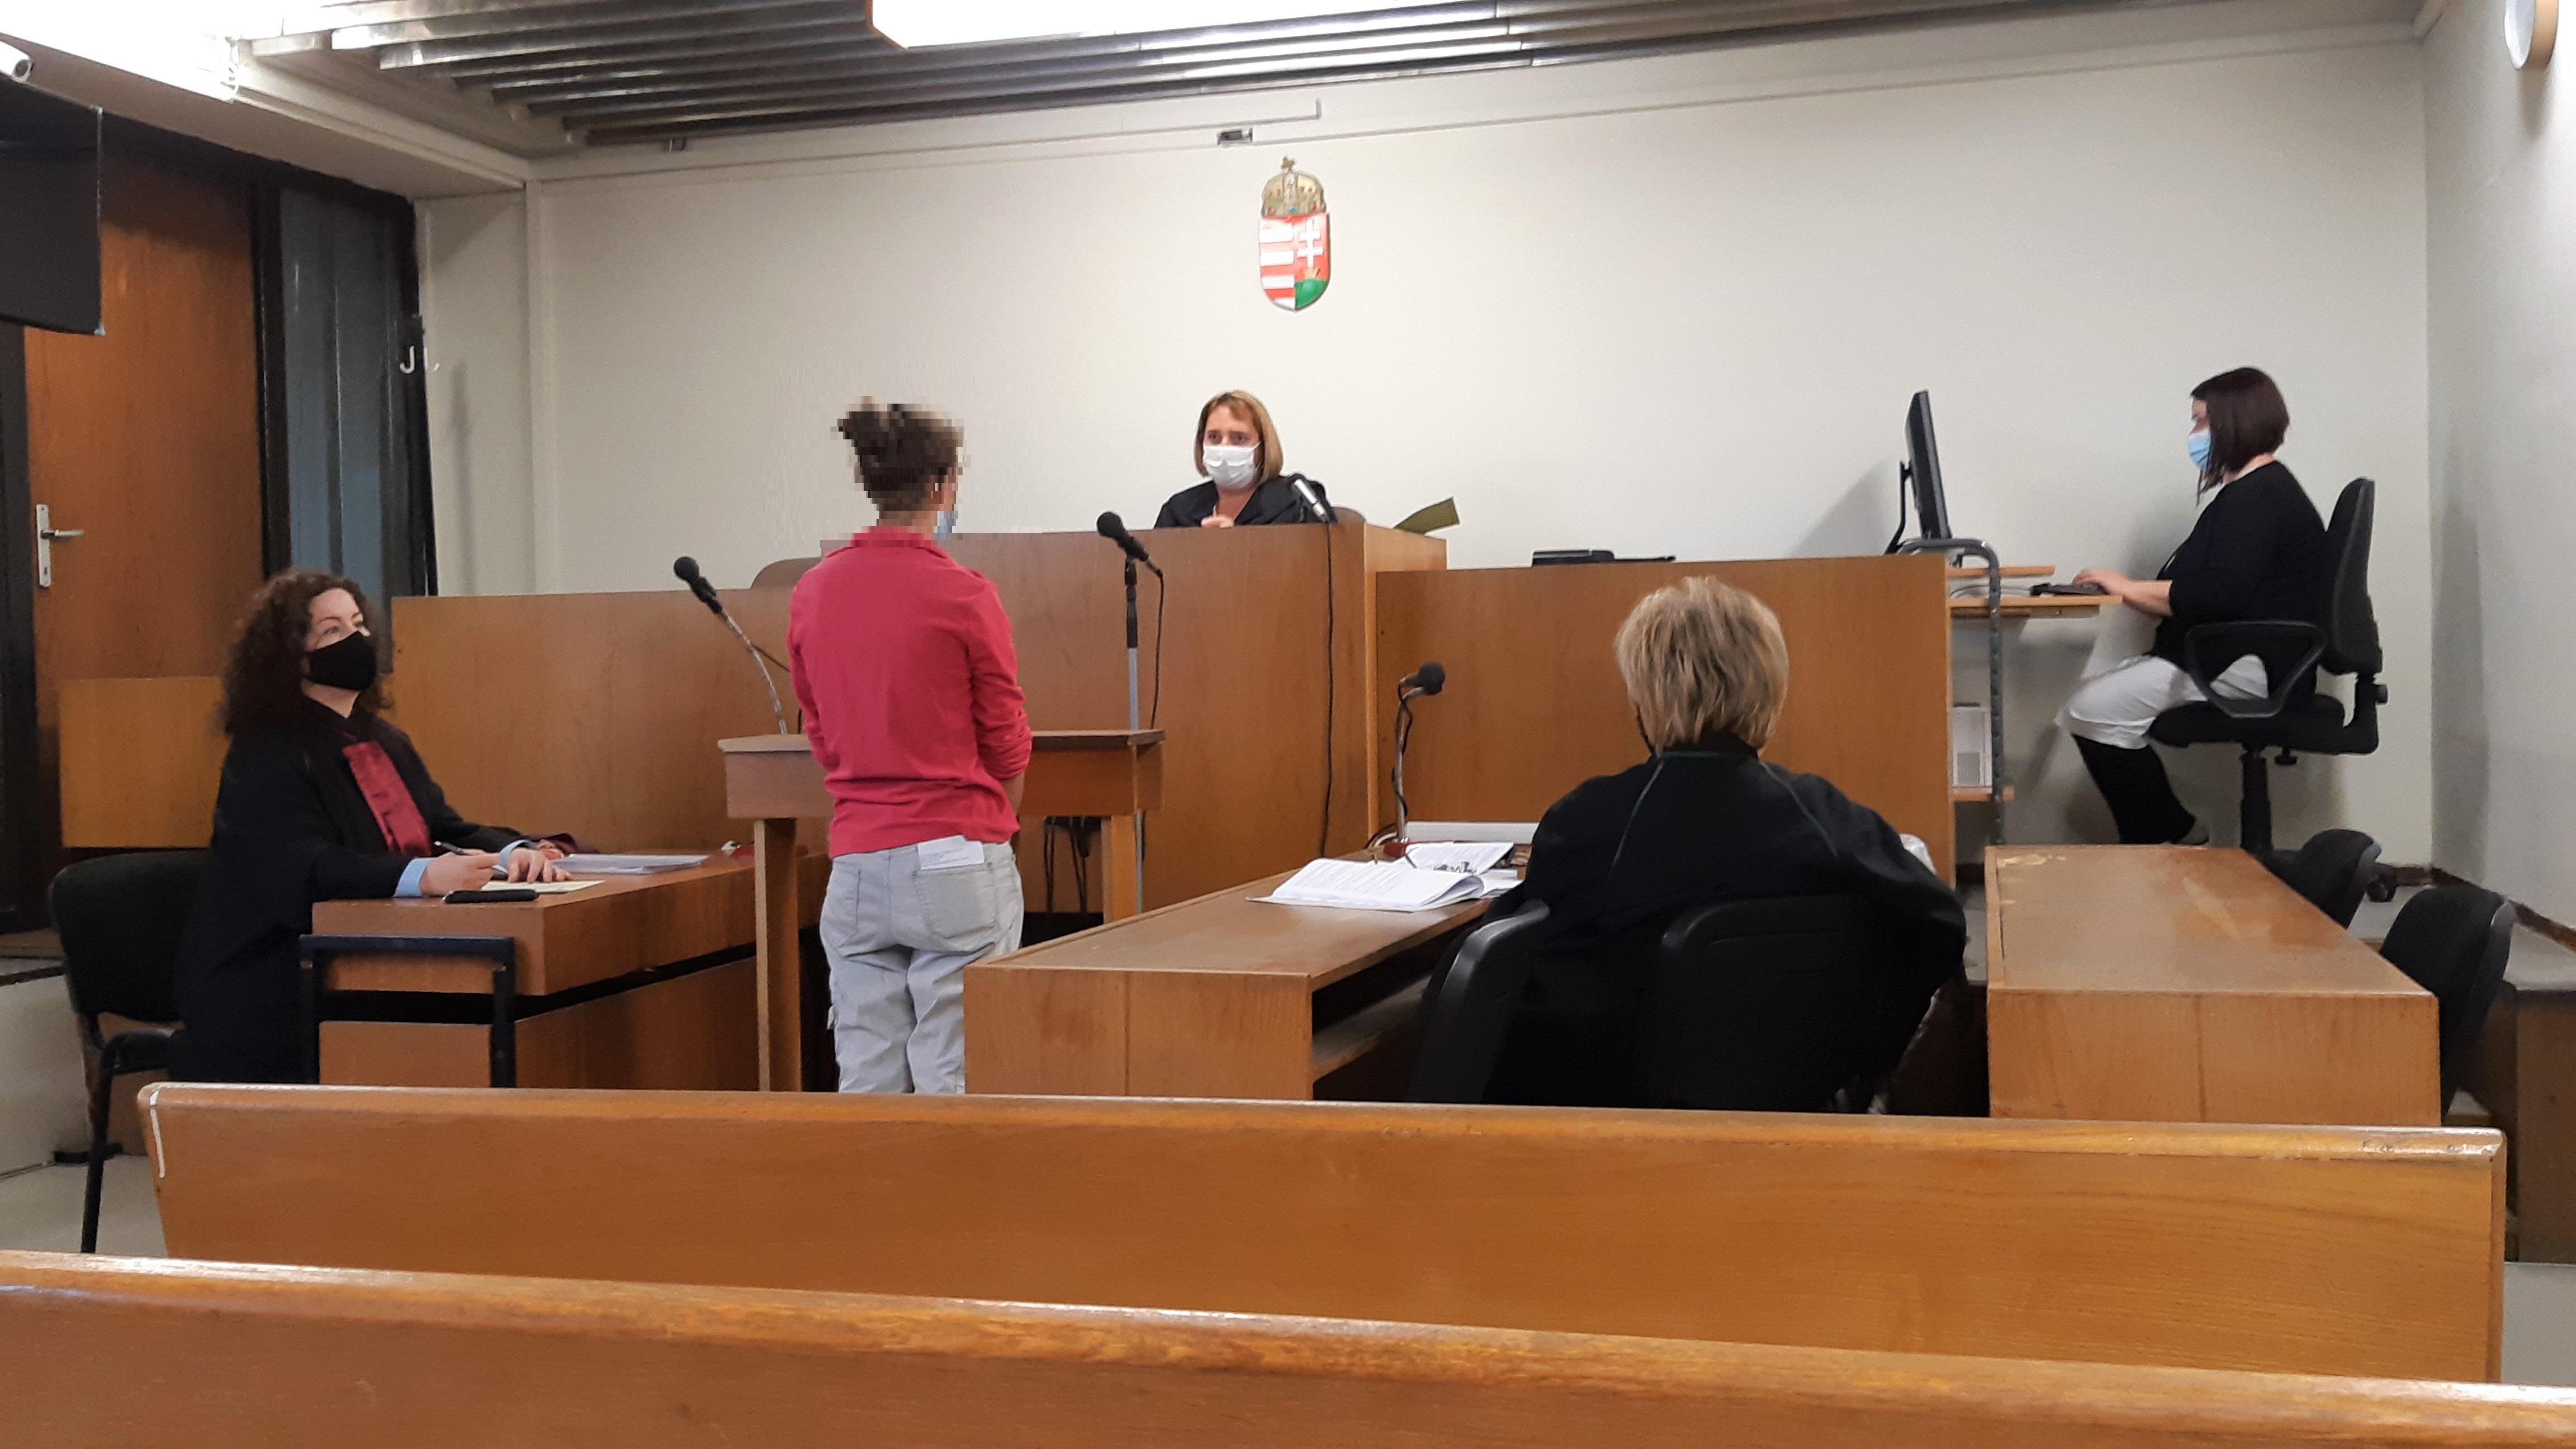 Előfordul, hogy a bíróságon hall először a szexuális felvilágosításról az anya, aki elhagyja a gyerekét